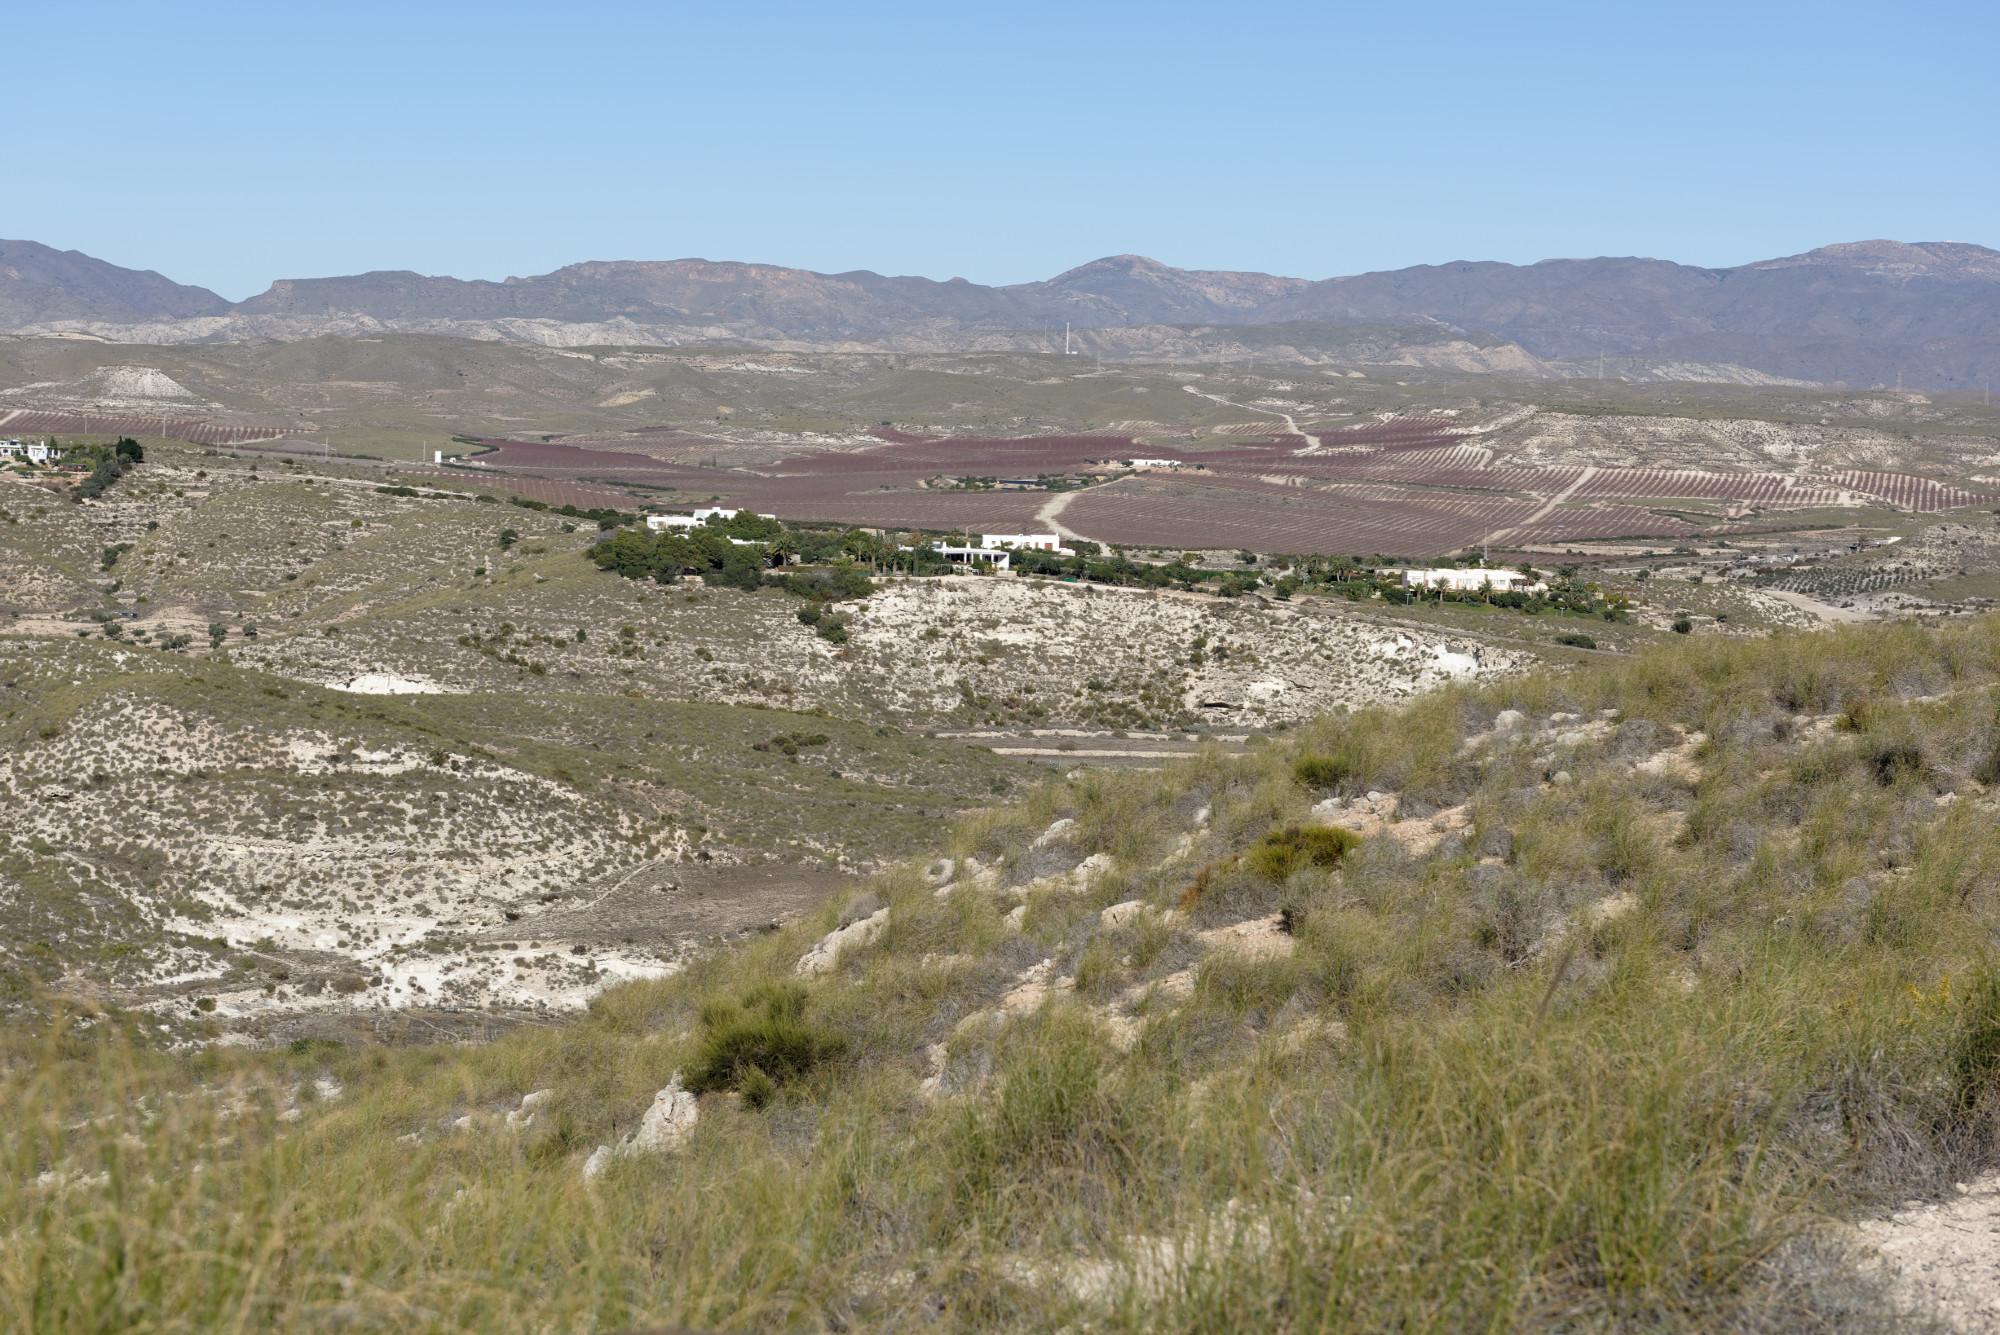 171217-Marche Agua Amarga vers Playa de Enmedio (Cabo de Gata-Andalousie) (29)